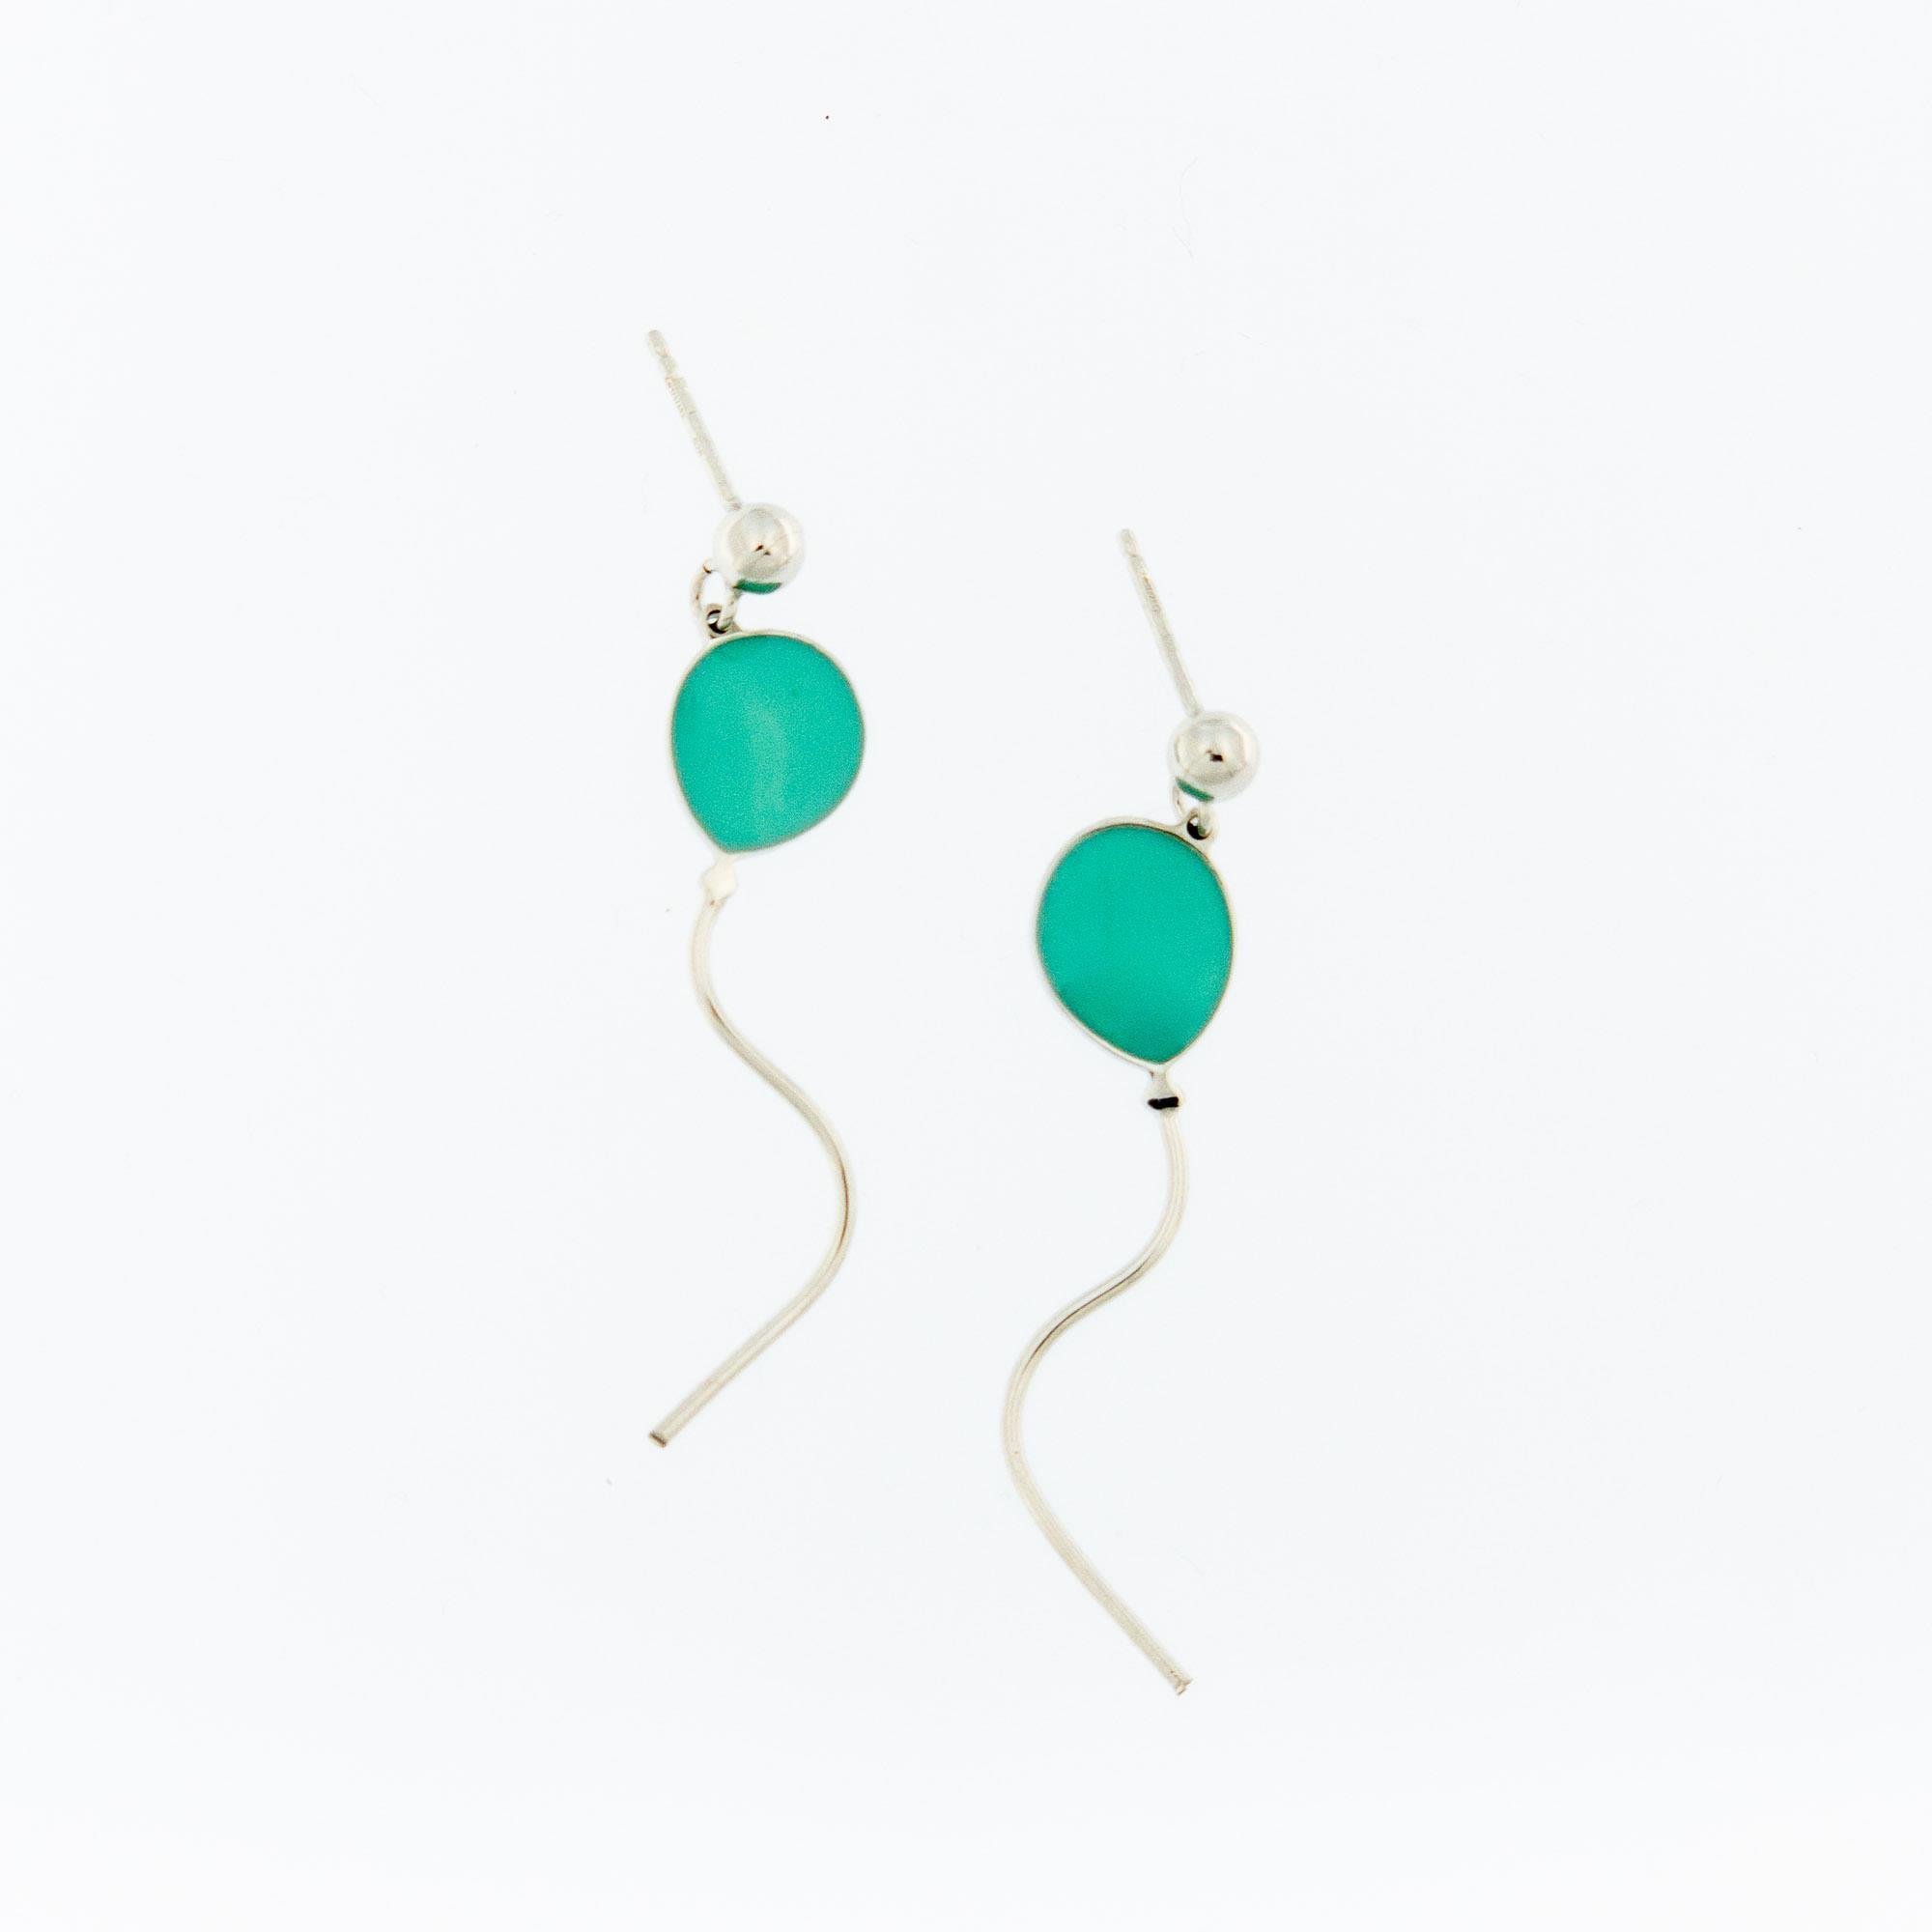 Orecchini Palloncini Verde Tiffany Donna - JÒYELLO